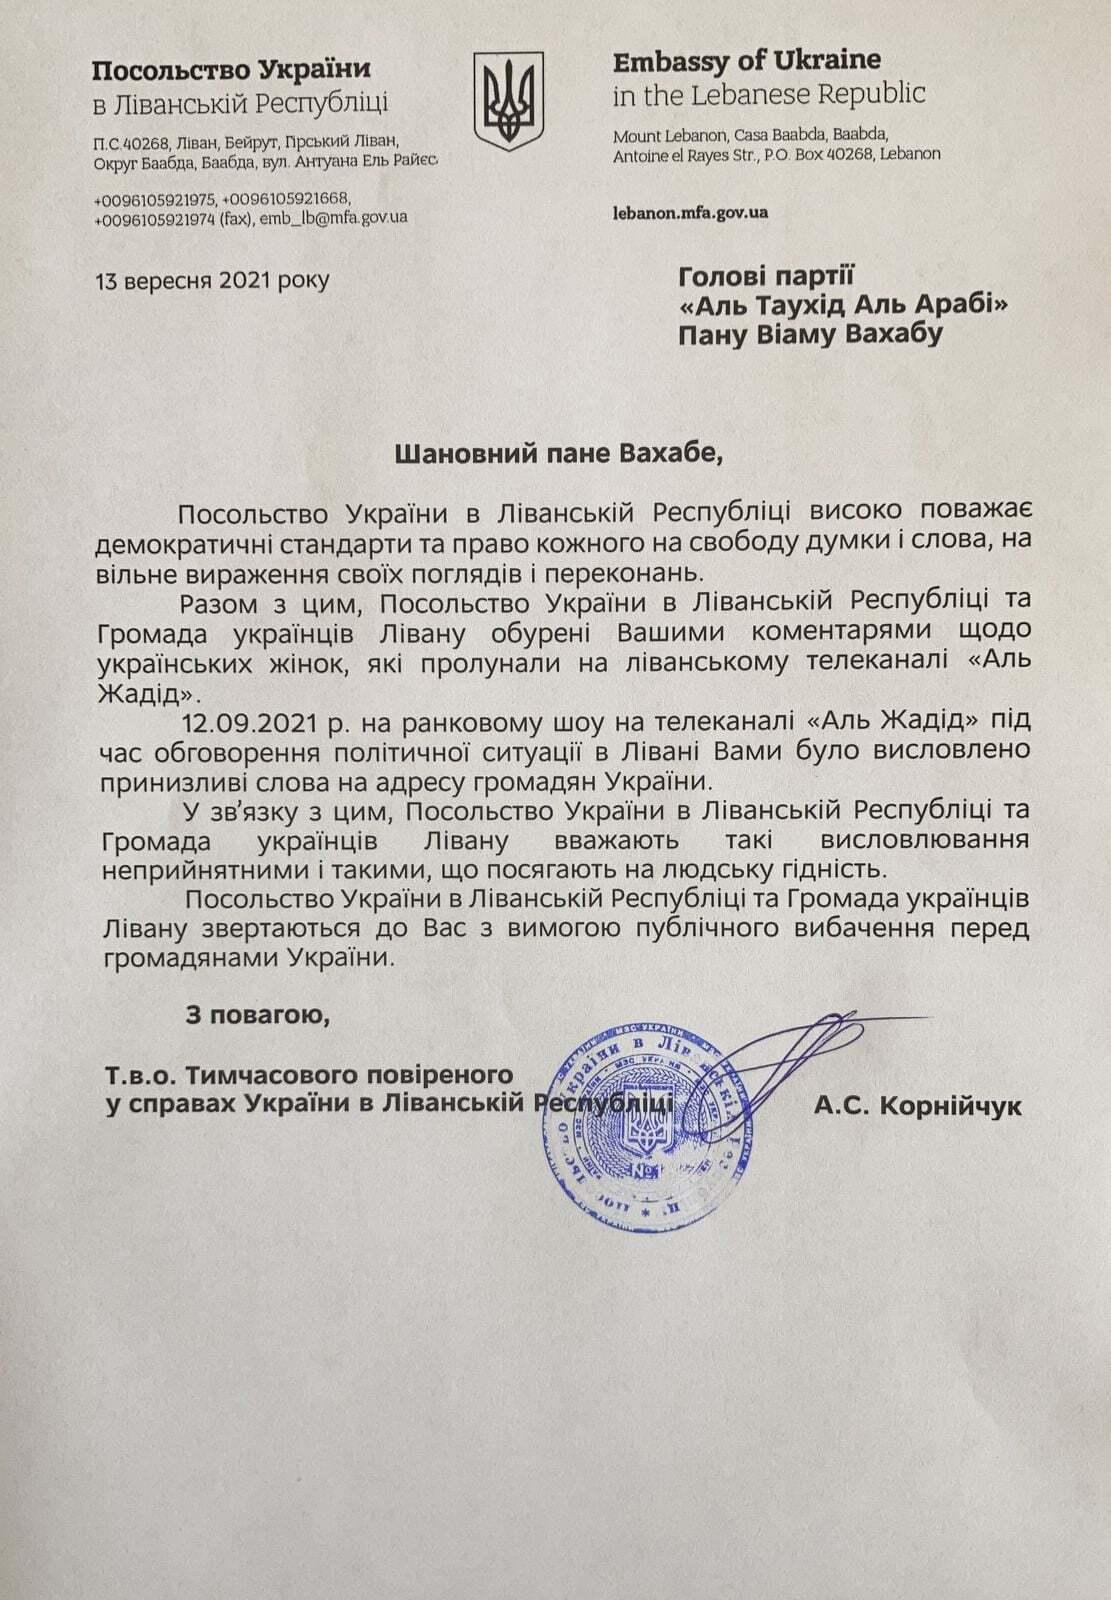 Звернення українського посольства до Віама Ваххаба